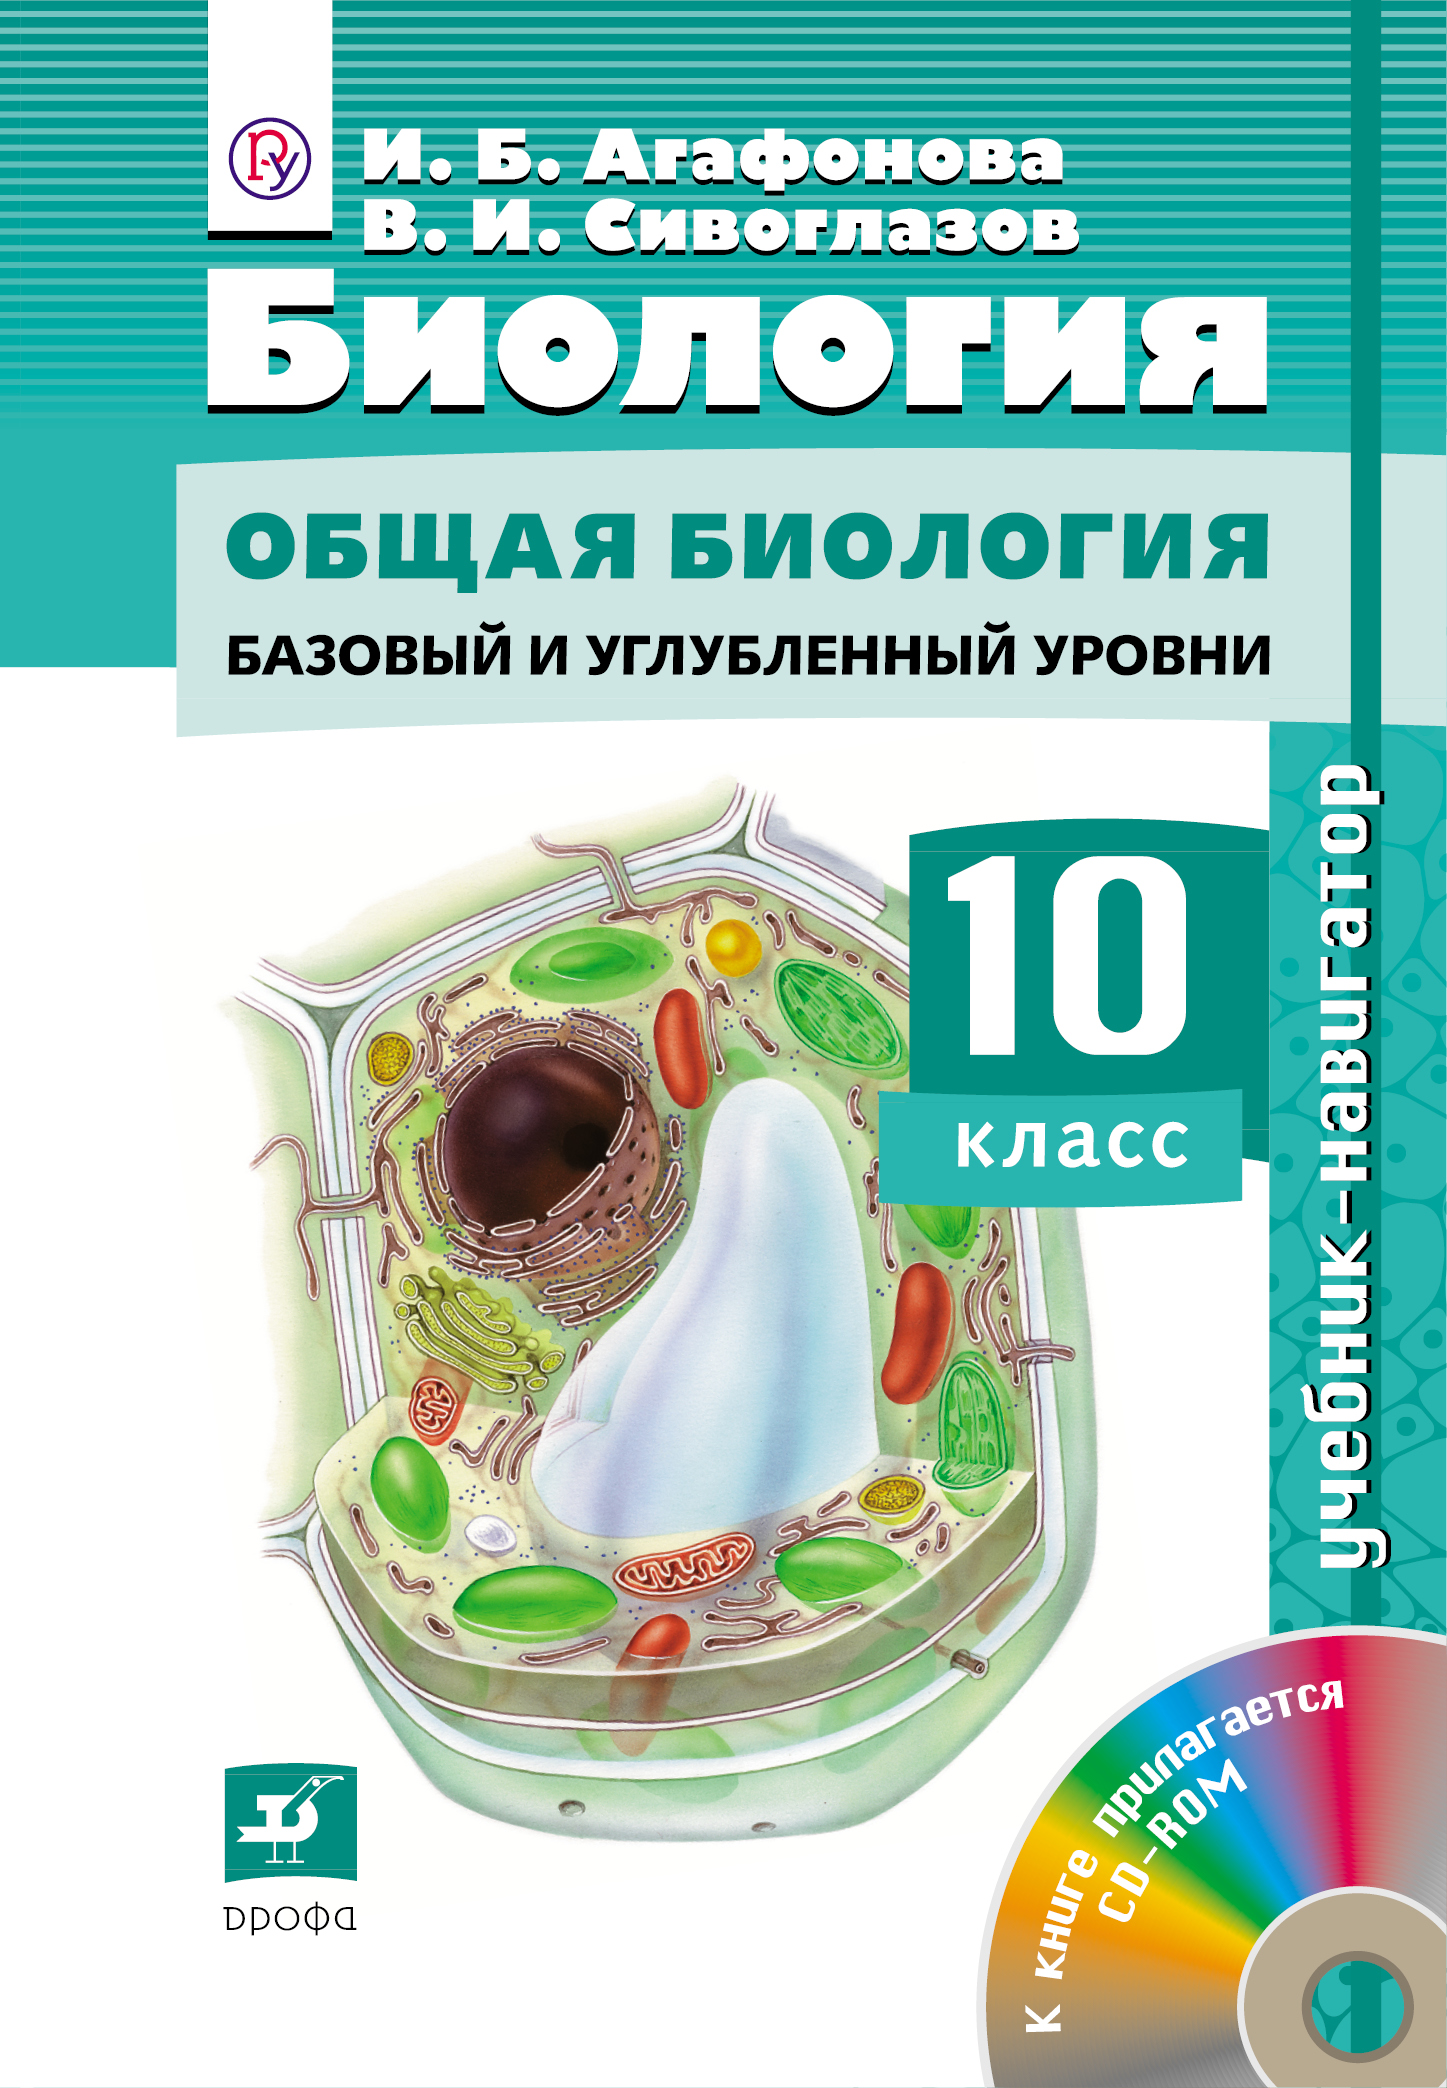 Биология.10кл. Учебник-навигатор. ( Агафонова И. Б., Сивоглазов В. И.  )